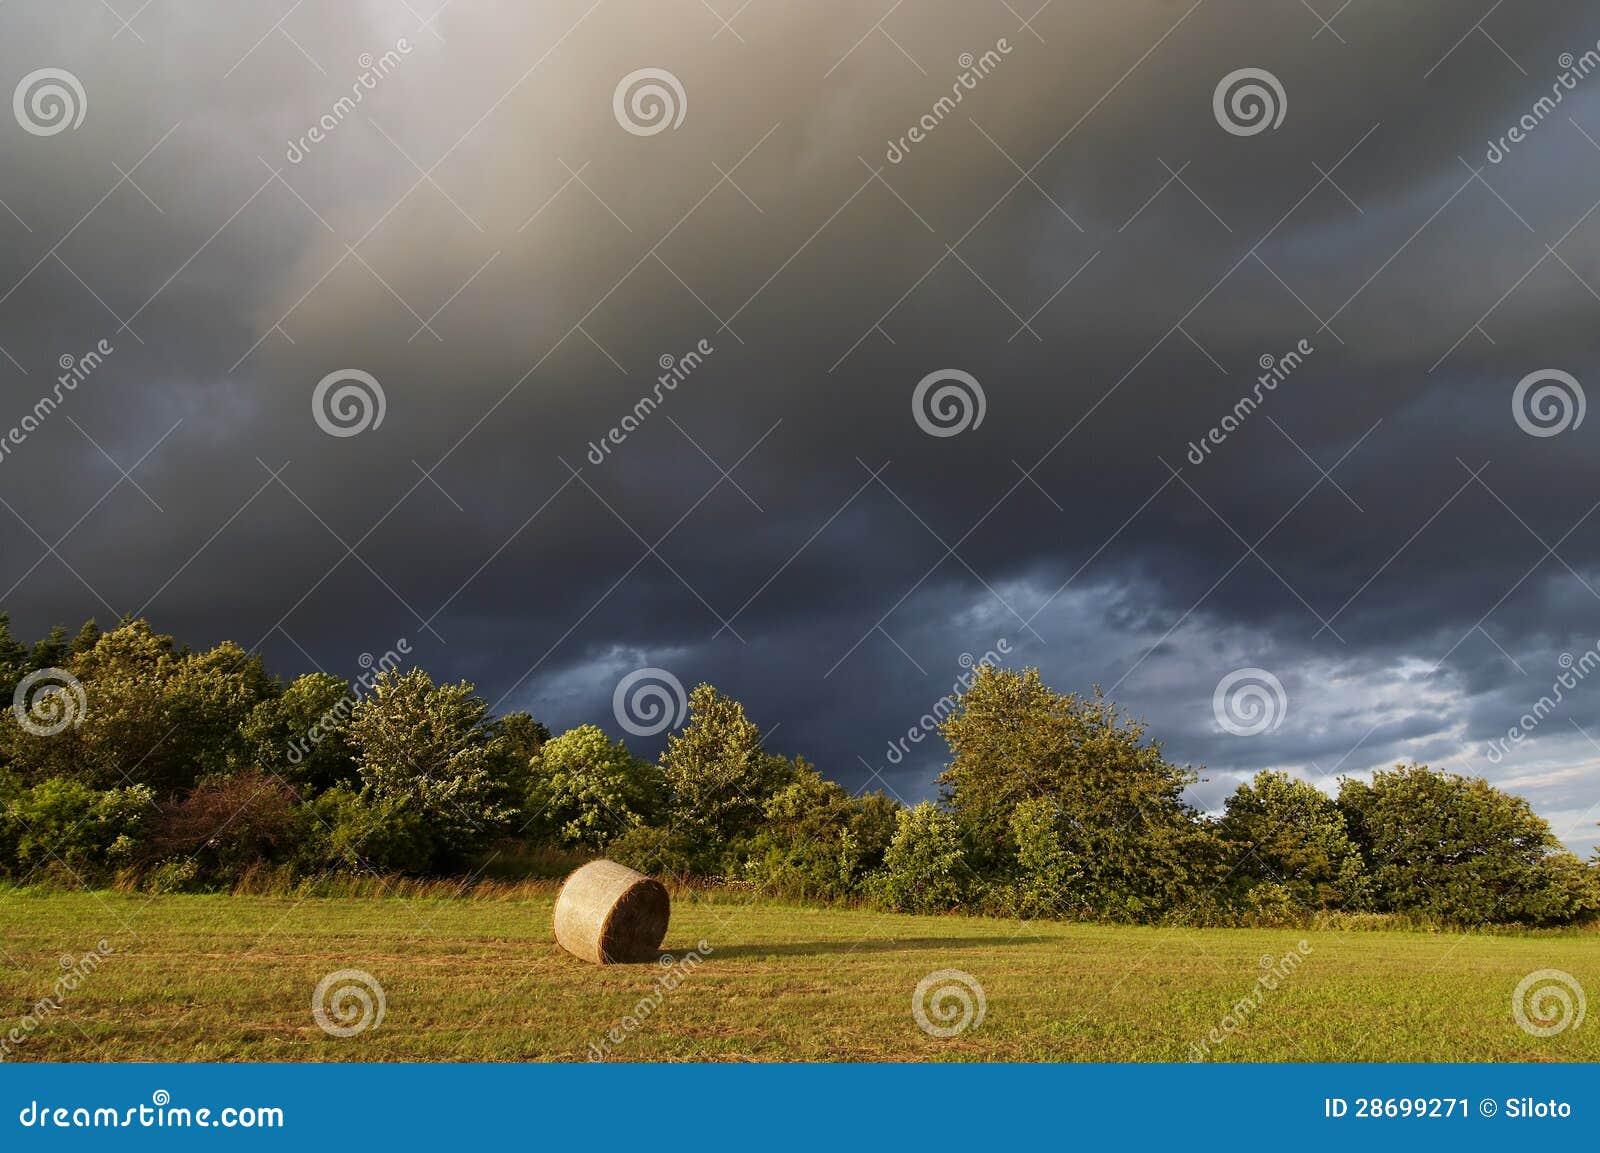 Bewolking - vóór regen